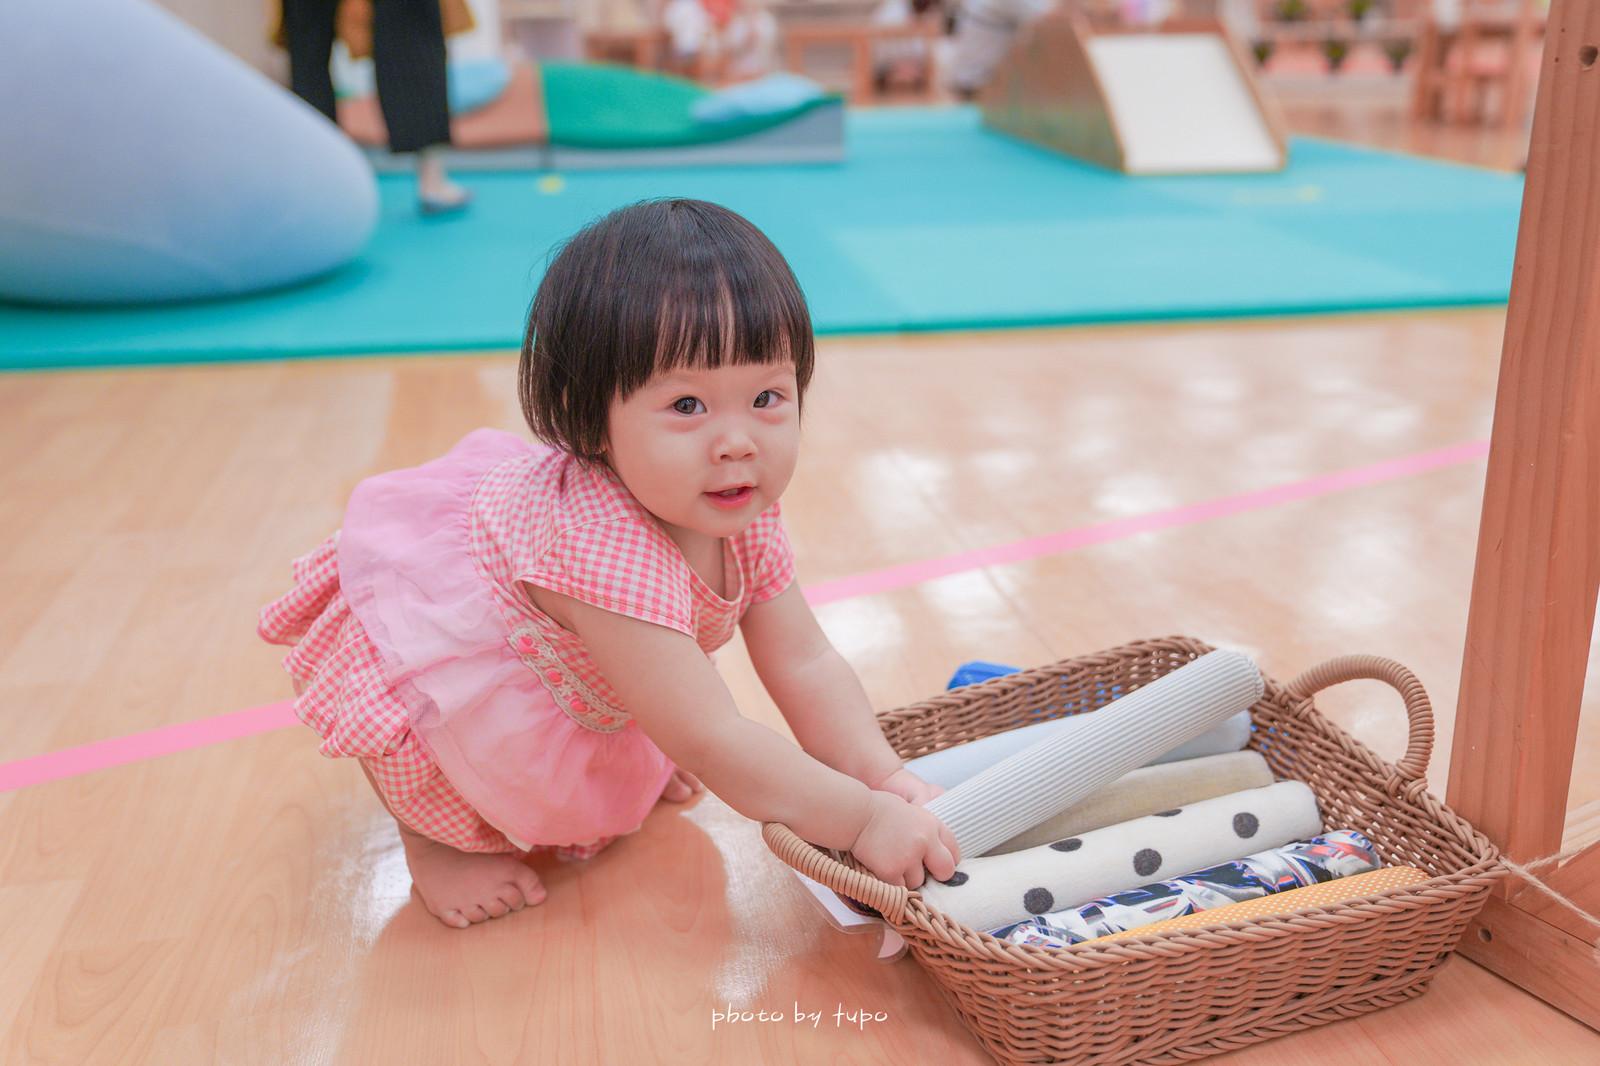 台北免費親子景點:松山親子館,中秋節必備烤肉舖、獨木橋、益智玩具、角色扮演、音樂玩具都好玩!